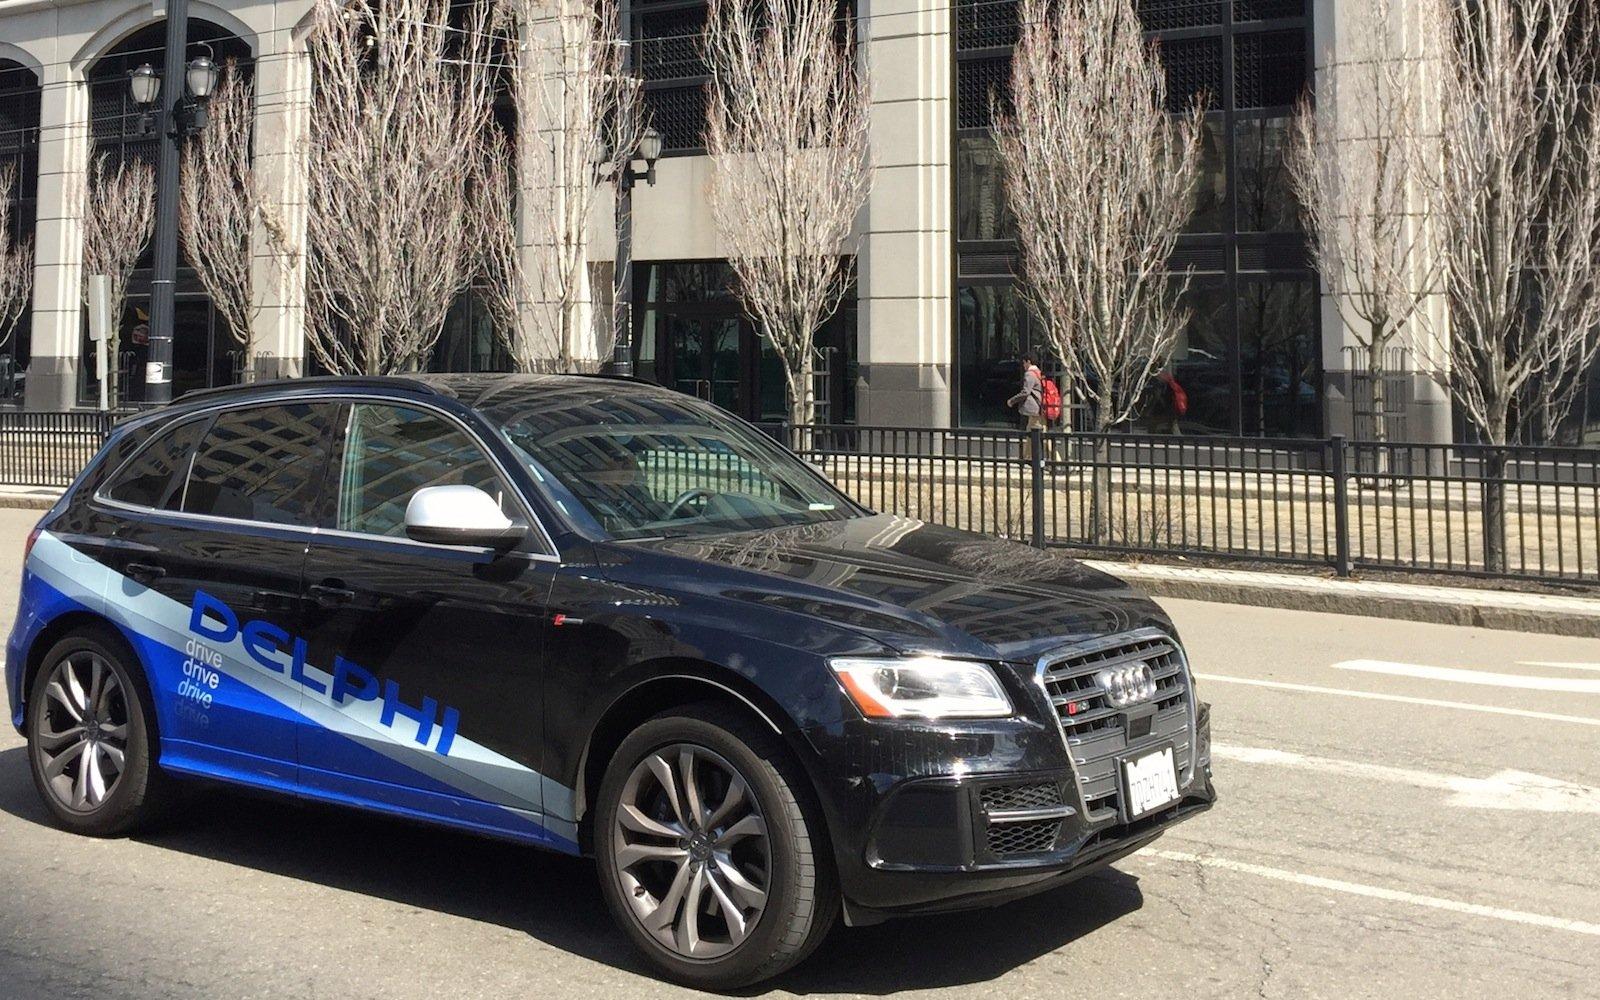 Delphi testet das autonome Fahren mit einem modifizierten Audi SQ5. In Deutschland sitzt bei den Testfahrten zur Sicherheit ein Ingenieur hinterm Steuer.